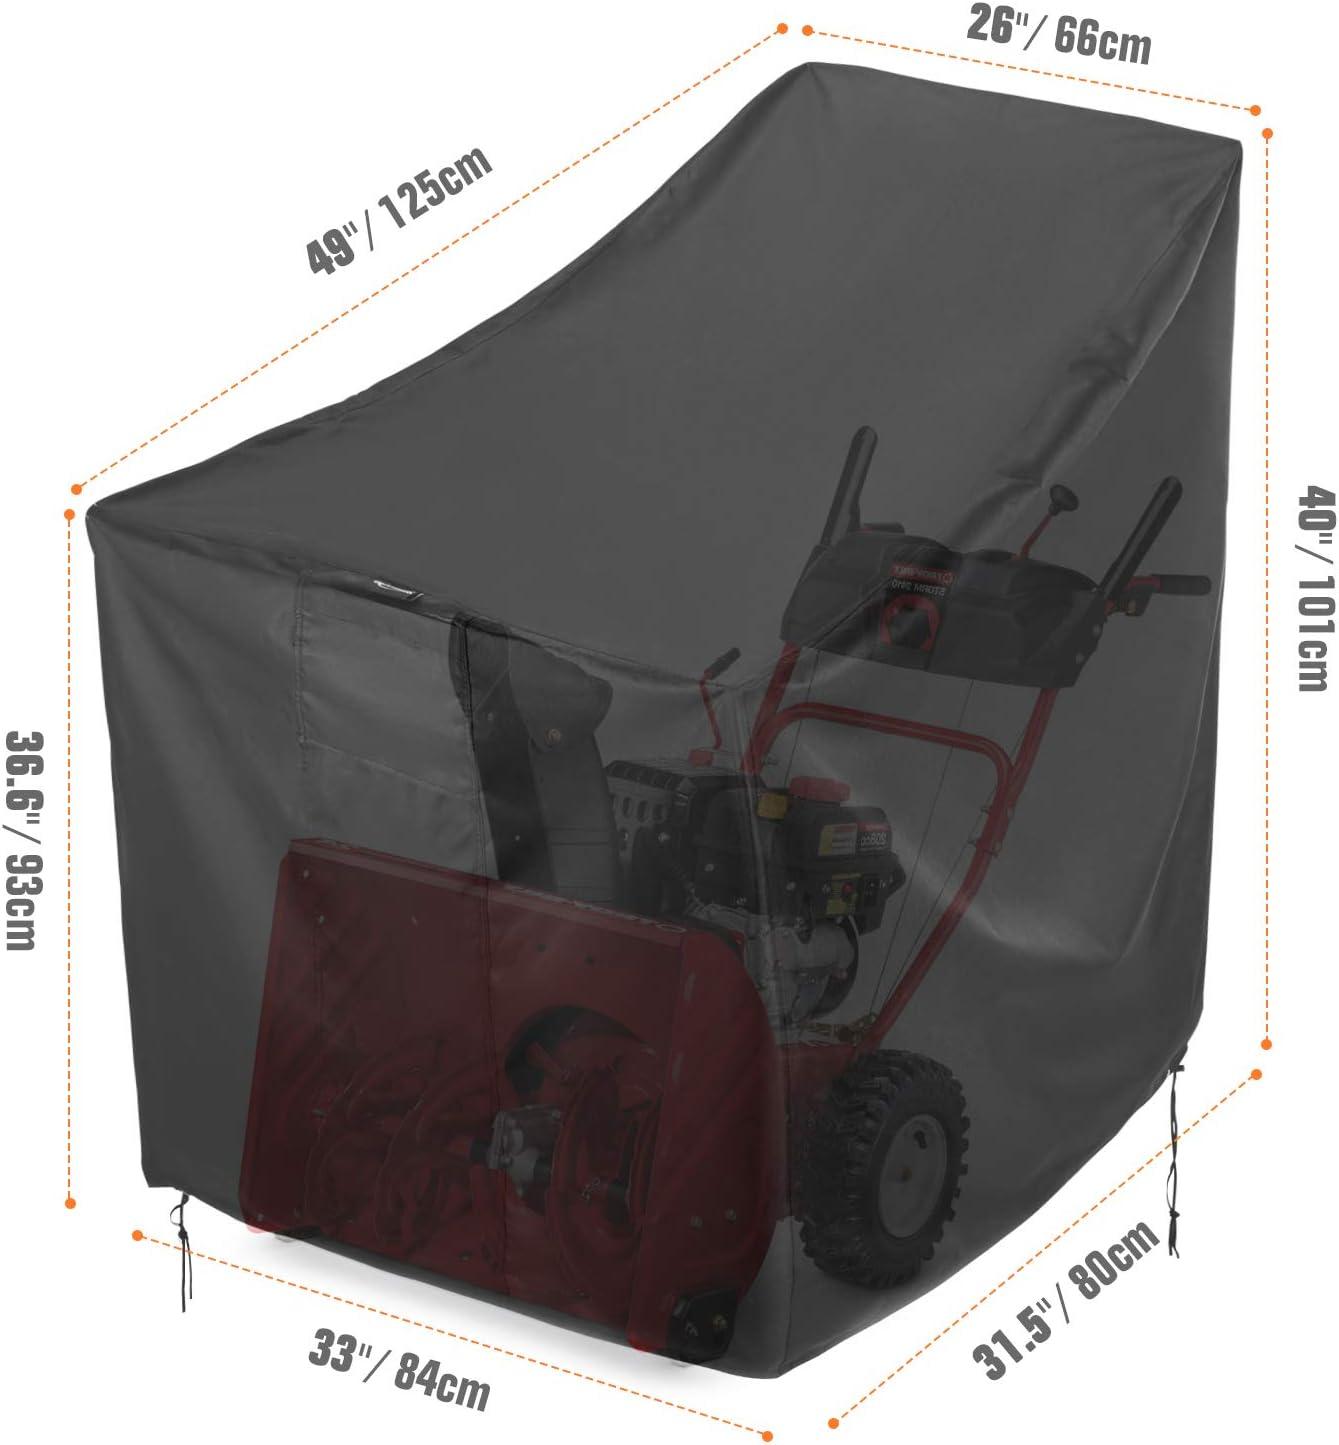 Sunkorto Abdeckung f/ür Schneefr/äse Schneeschieber Schutz wasserdichte Abdeckplane aus 600D Oxford-Stoff und PVC-Beschichtung